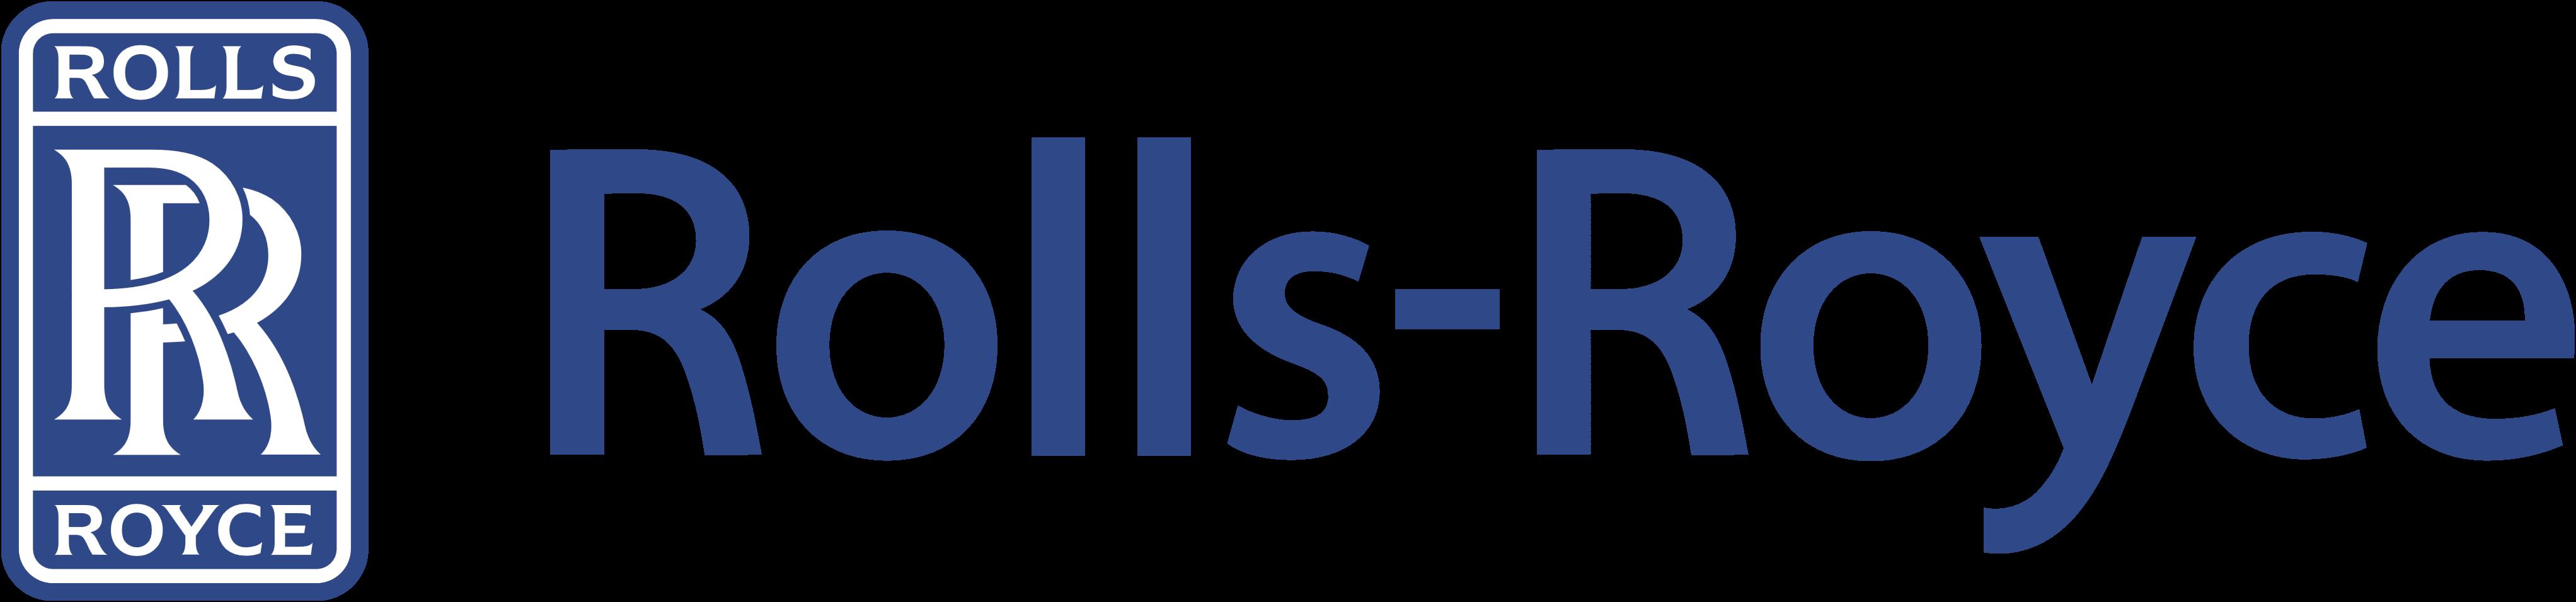 jaderná energie - Společnost Rolls-Royce jmenovala partnery pro realizaci projektů britských malých modulárních reaktorů - Ve světě (Rolls Royce logo transparent png) 2